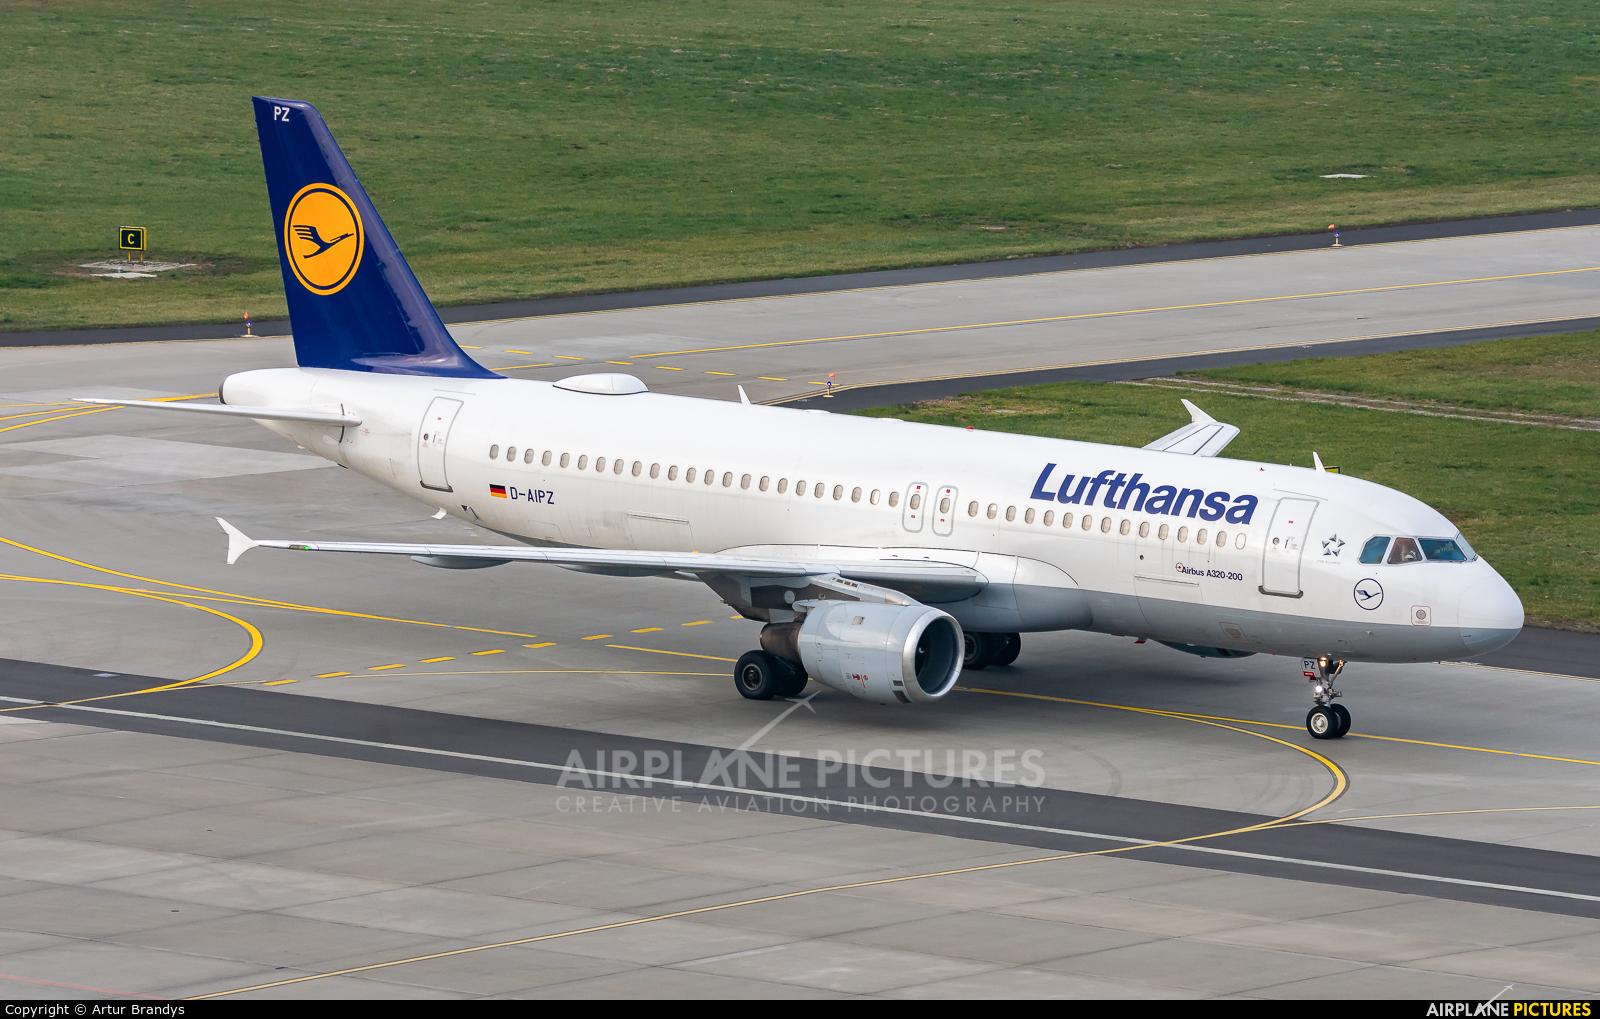 Lufthansa D-AIPZ aircraft at Kraków - John Paul II Intl